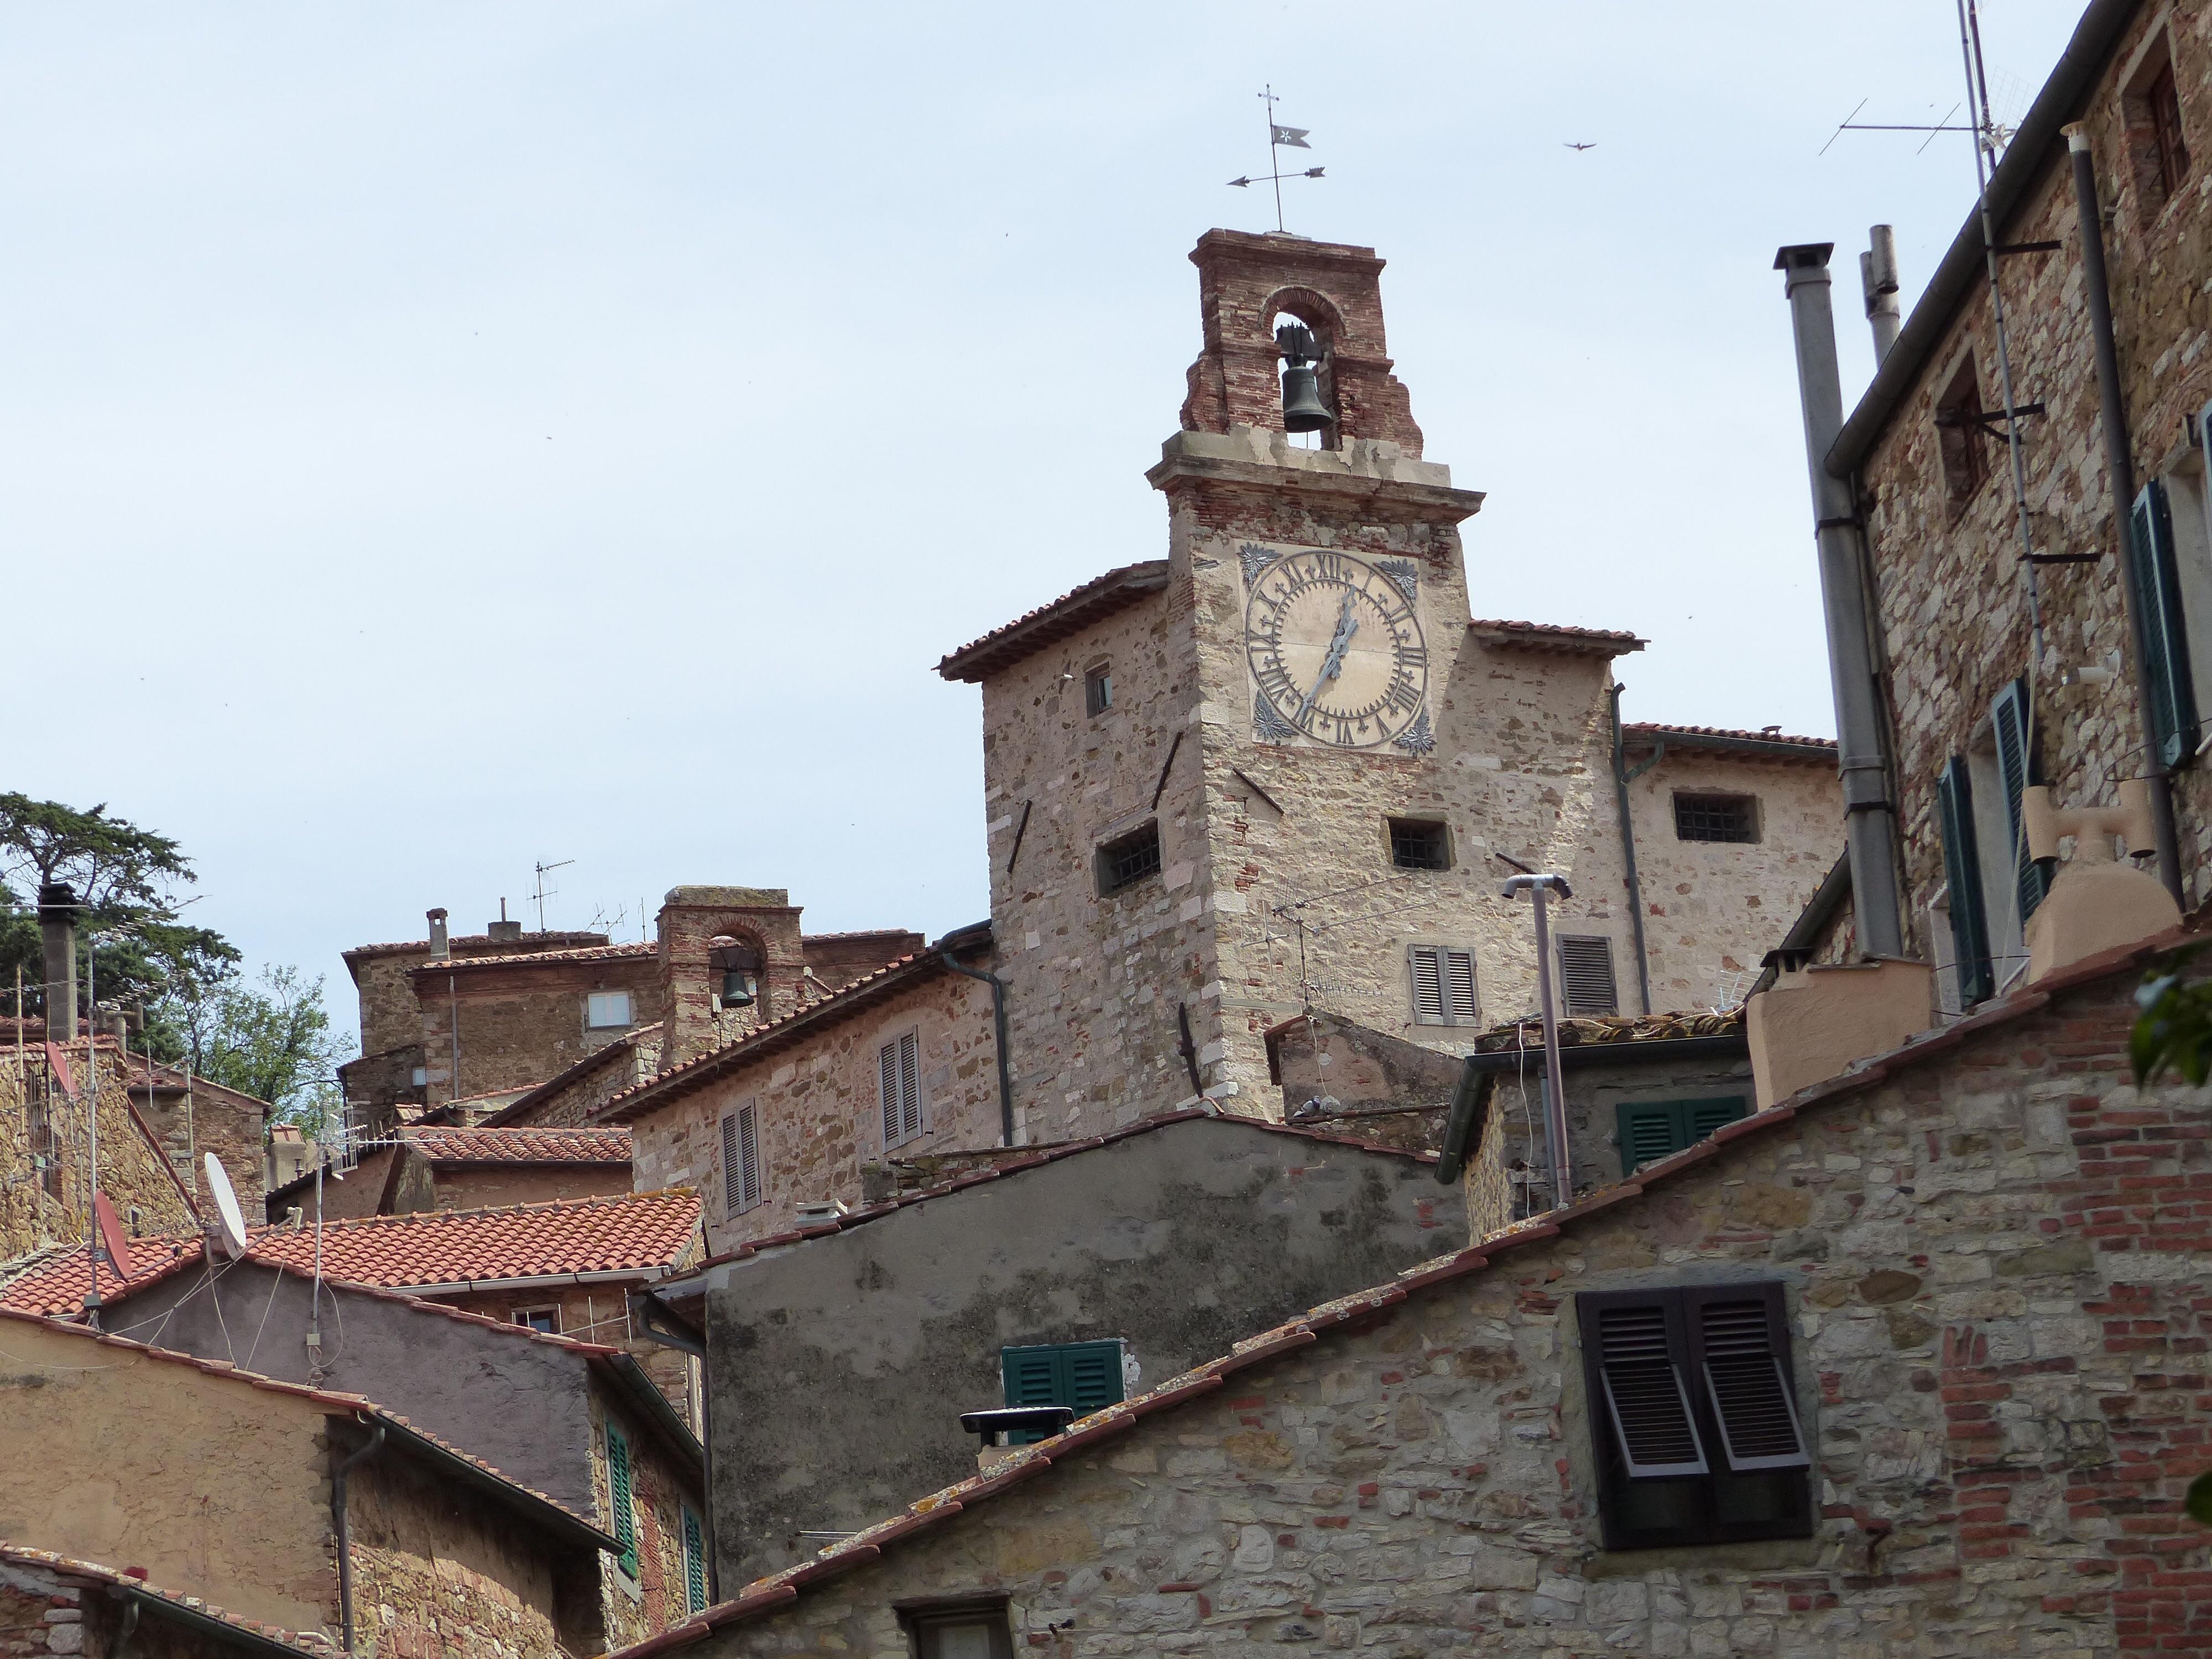 A visit to campiglia marittima bagni di lucca and beyond - Bagno di lucca ...